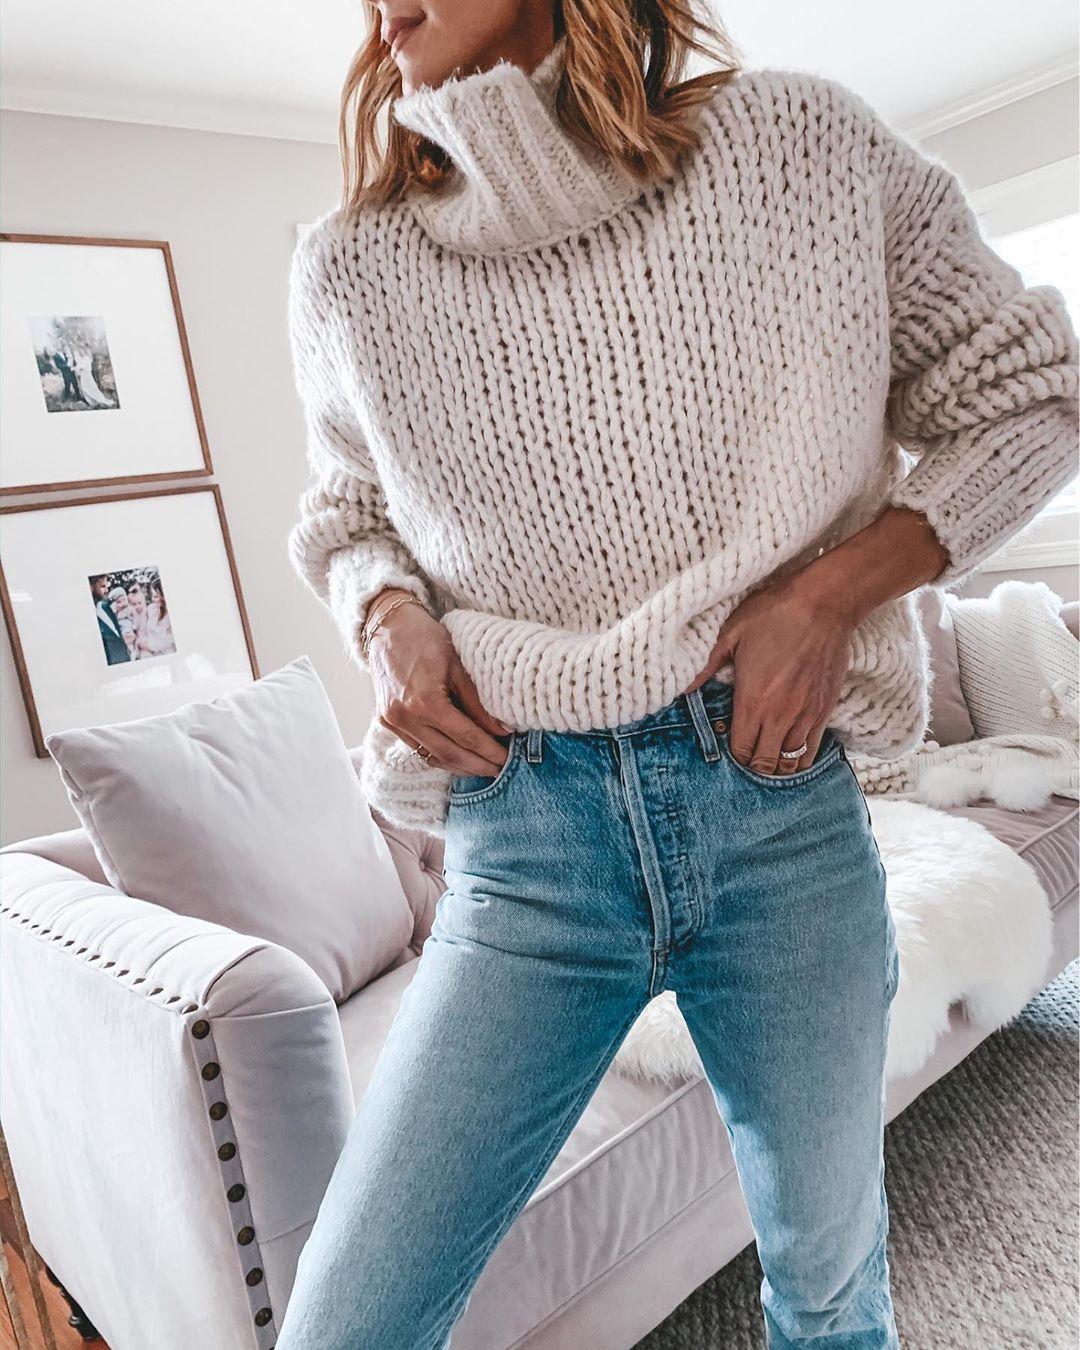 Джинсы и свитер 2020 фото 15